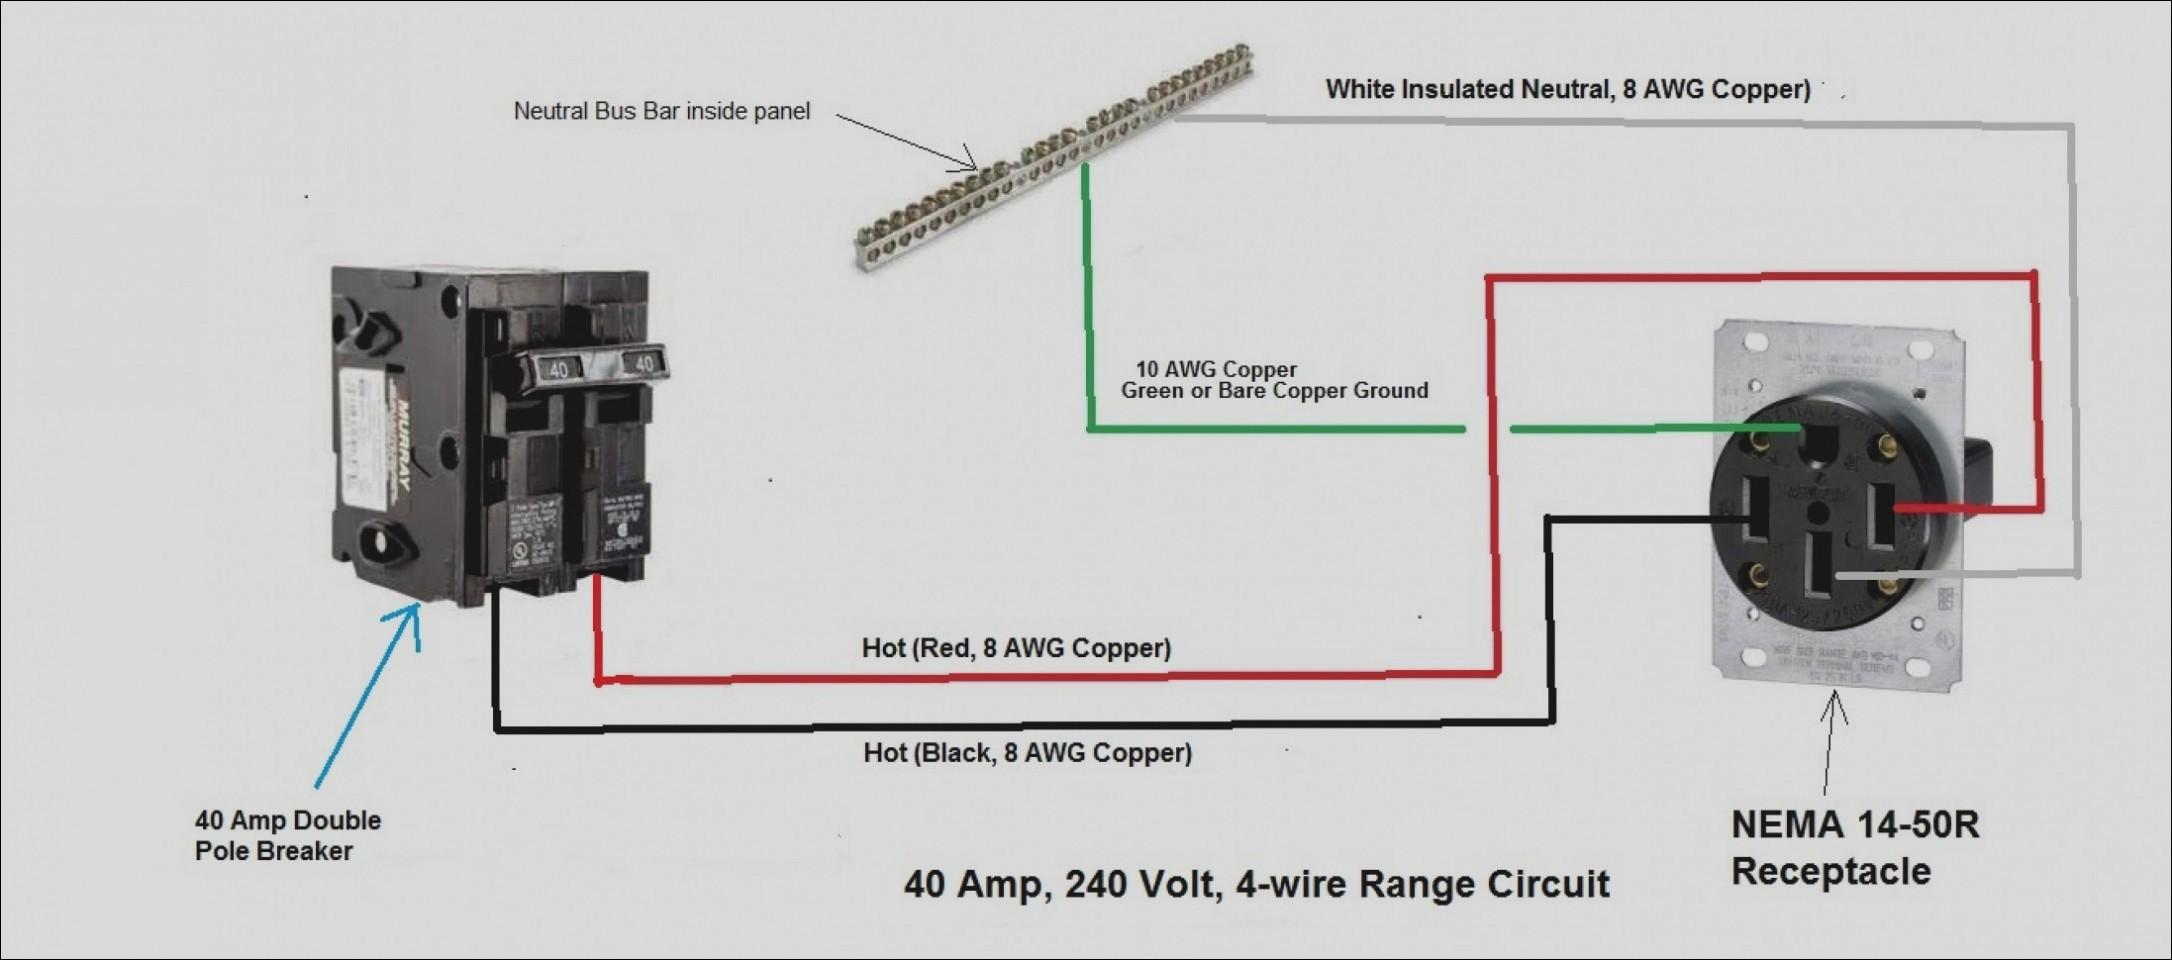 Nema 14 50r Wiring Diagram Nema 14 50r Wiring Diagram Simplified Shapes L14 30 Wiring Diagram Of Nema 14 50r Wiring Diagram